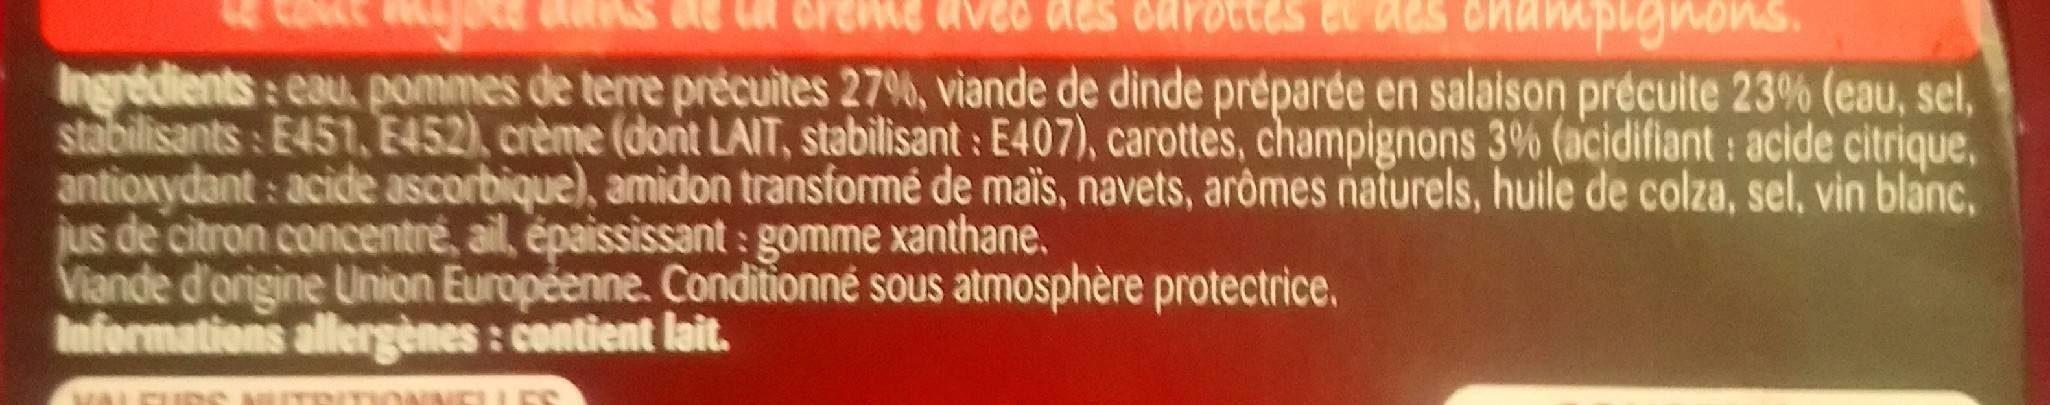 Cocotte Blanquette de Dinde pommes de terre et champignons - Ingrédients - fr